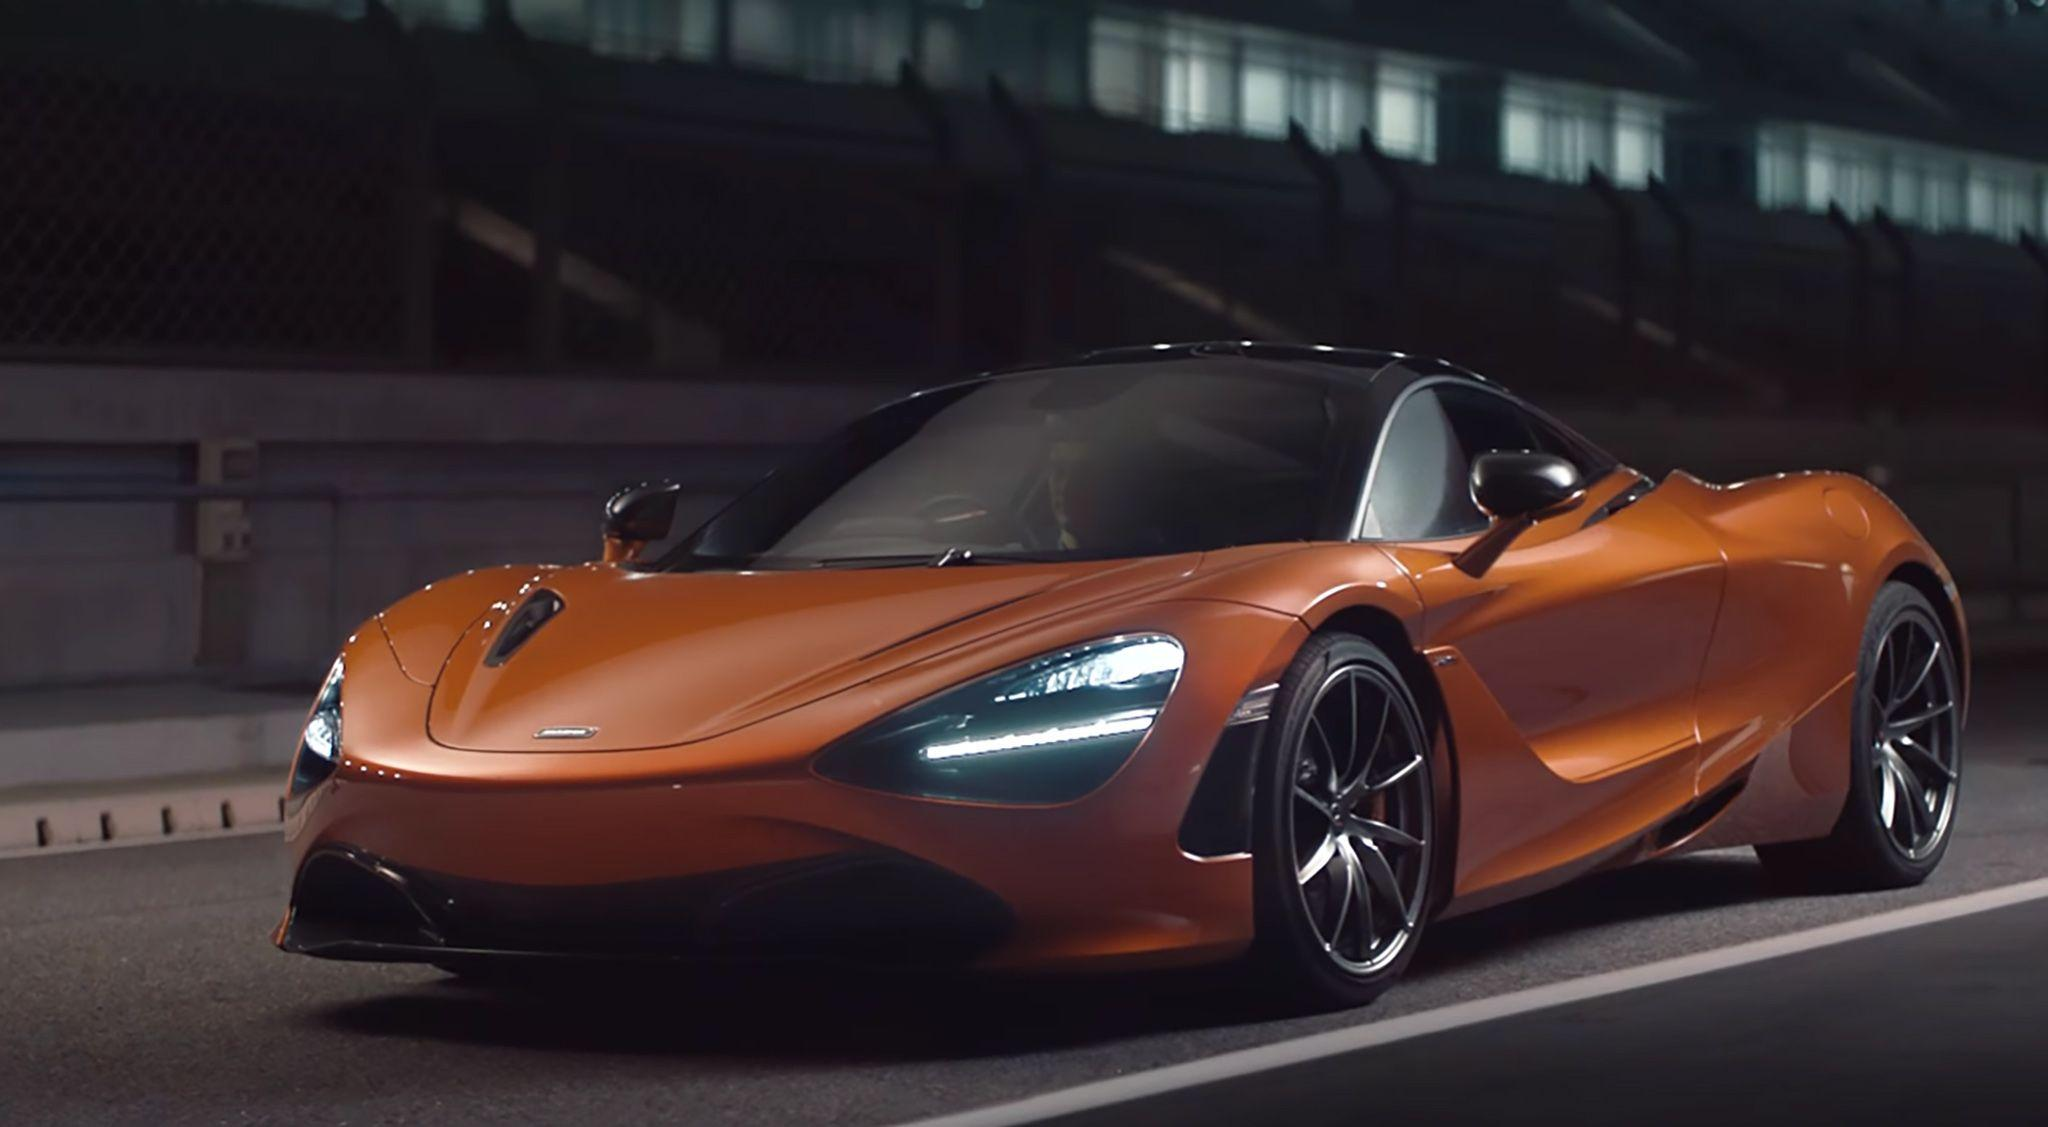 McLaren 720S Wallpapers